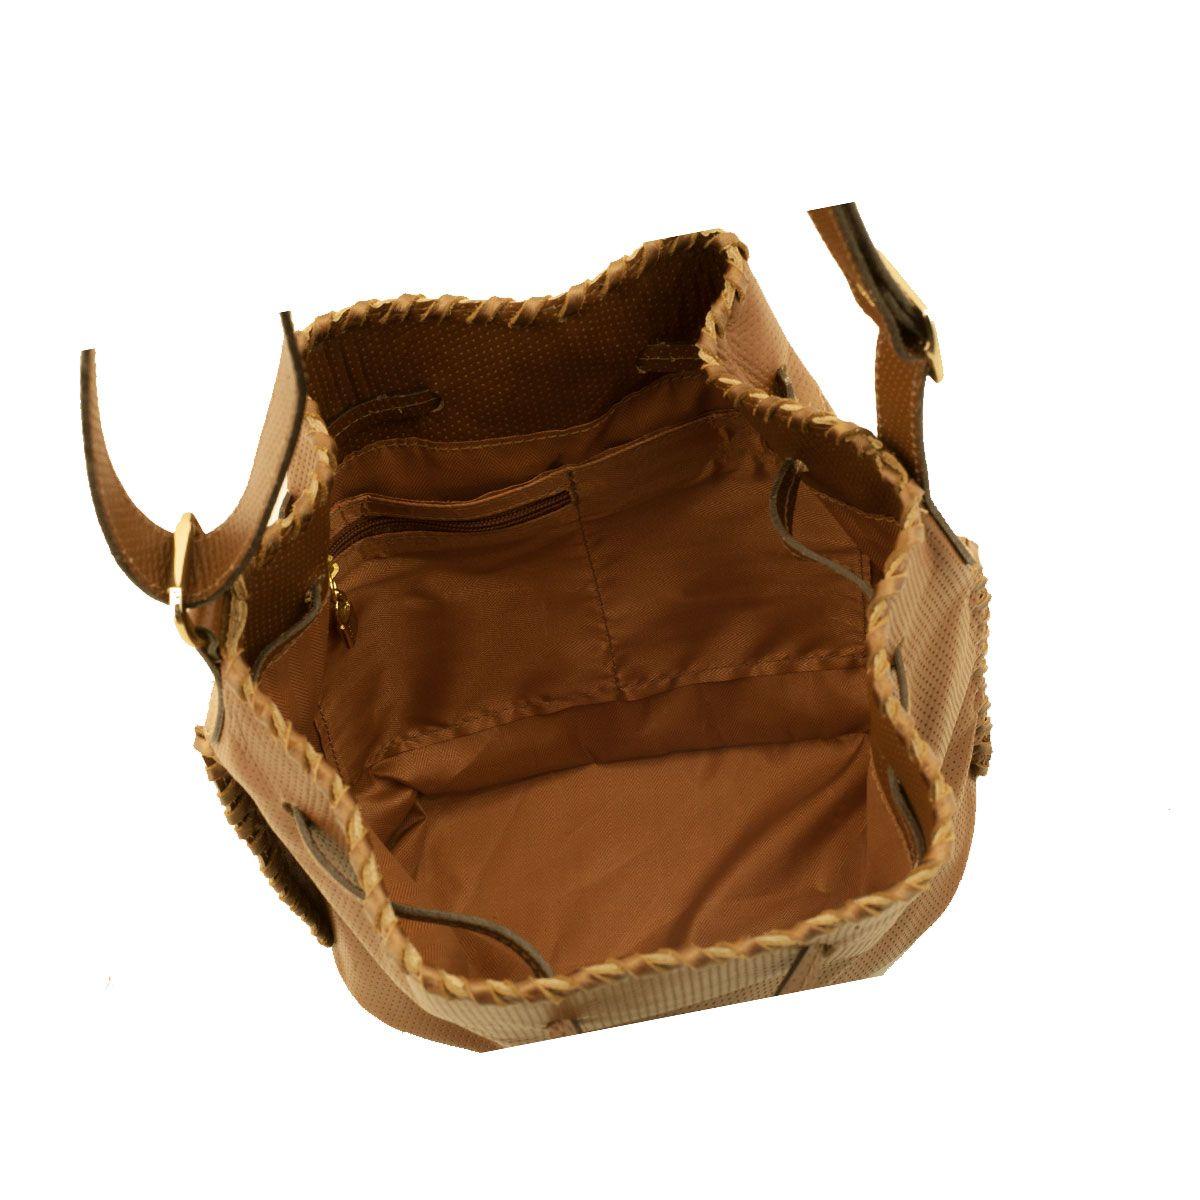 Bolsa Saco em Couro Chocolate